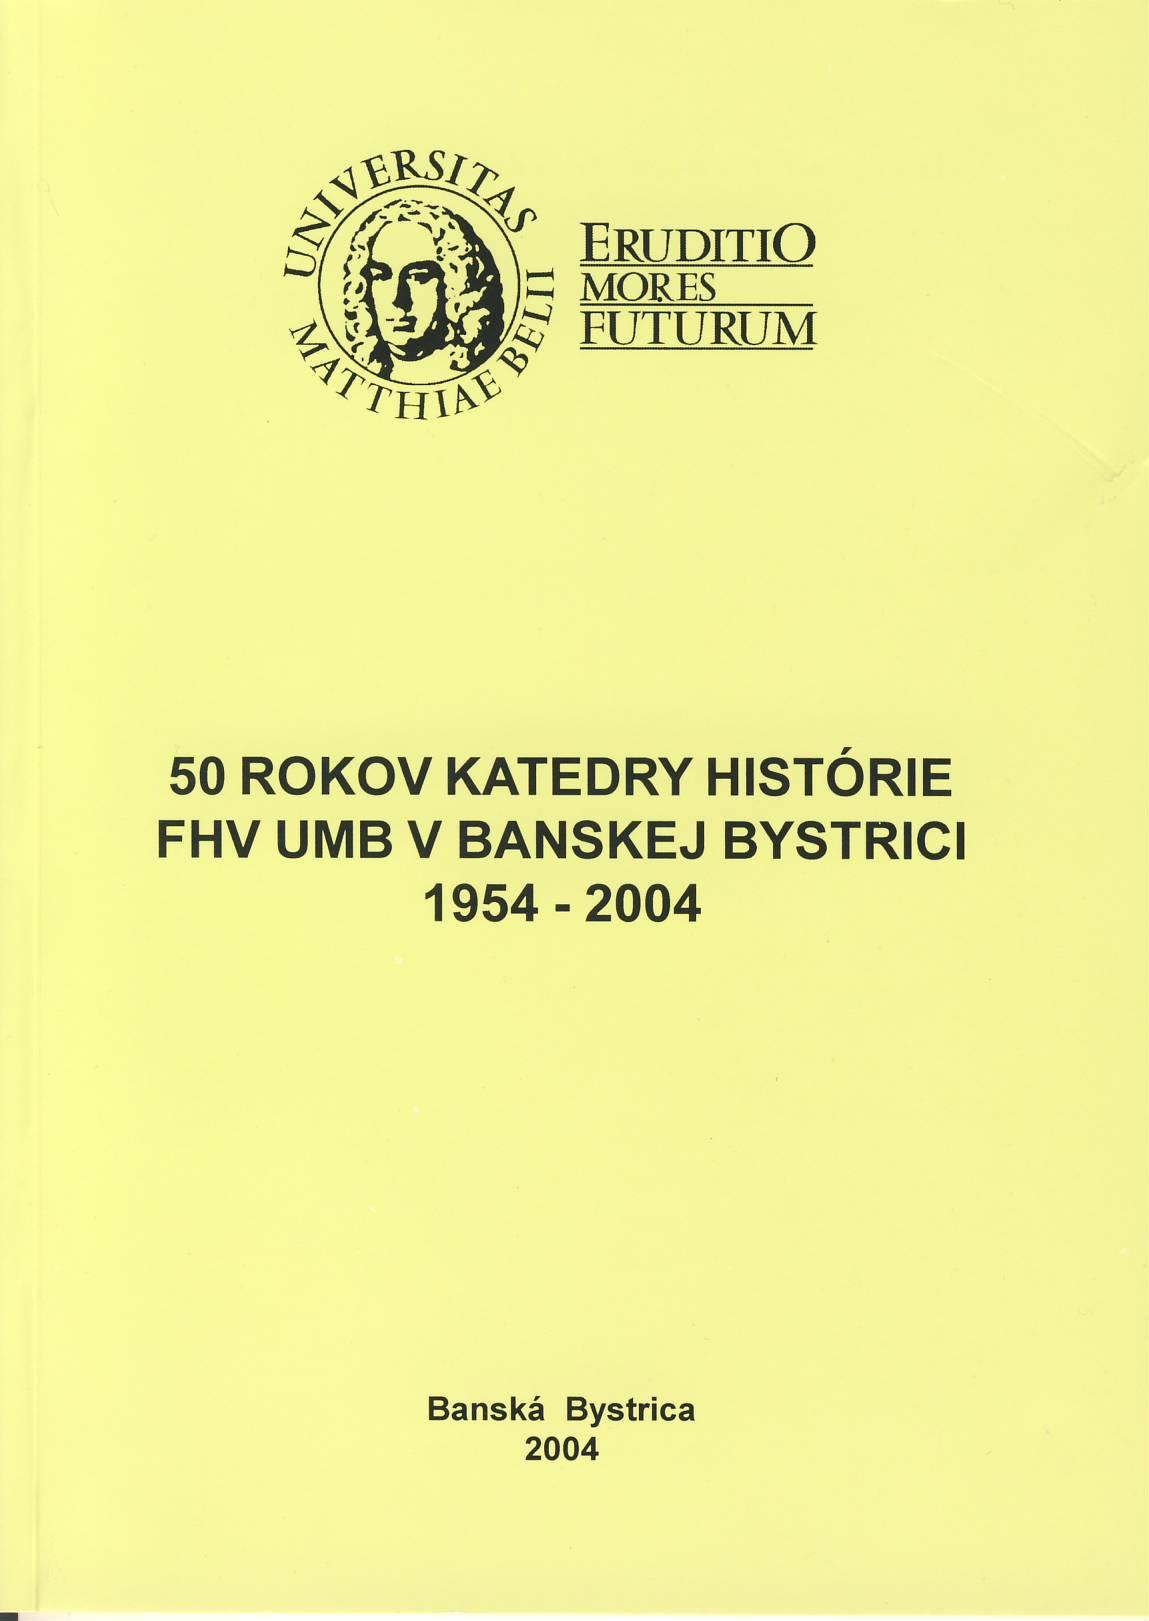 50 rokov Katedry histórie FHV UMB v Banskej Bystrici 1954 - 2004